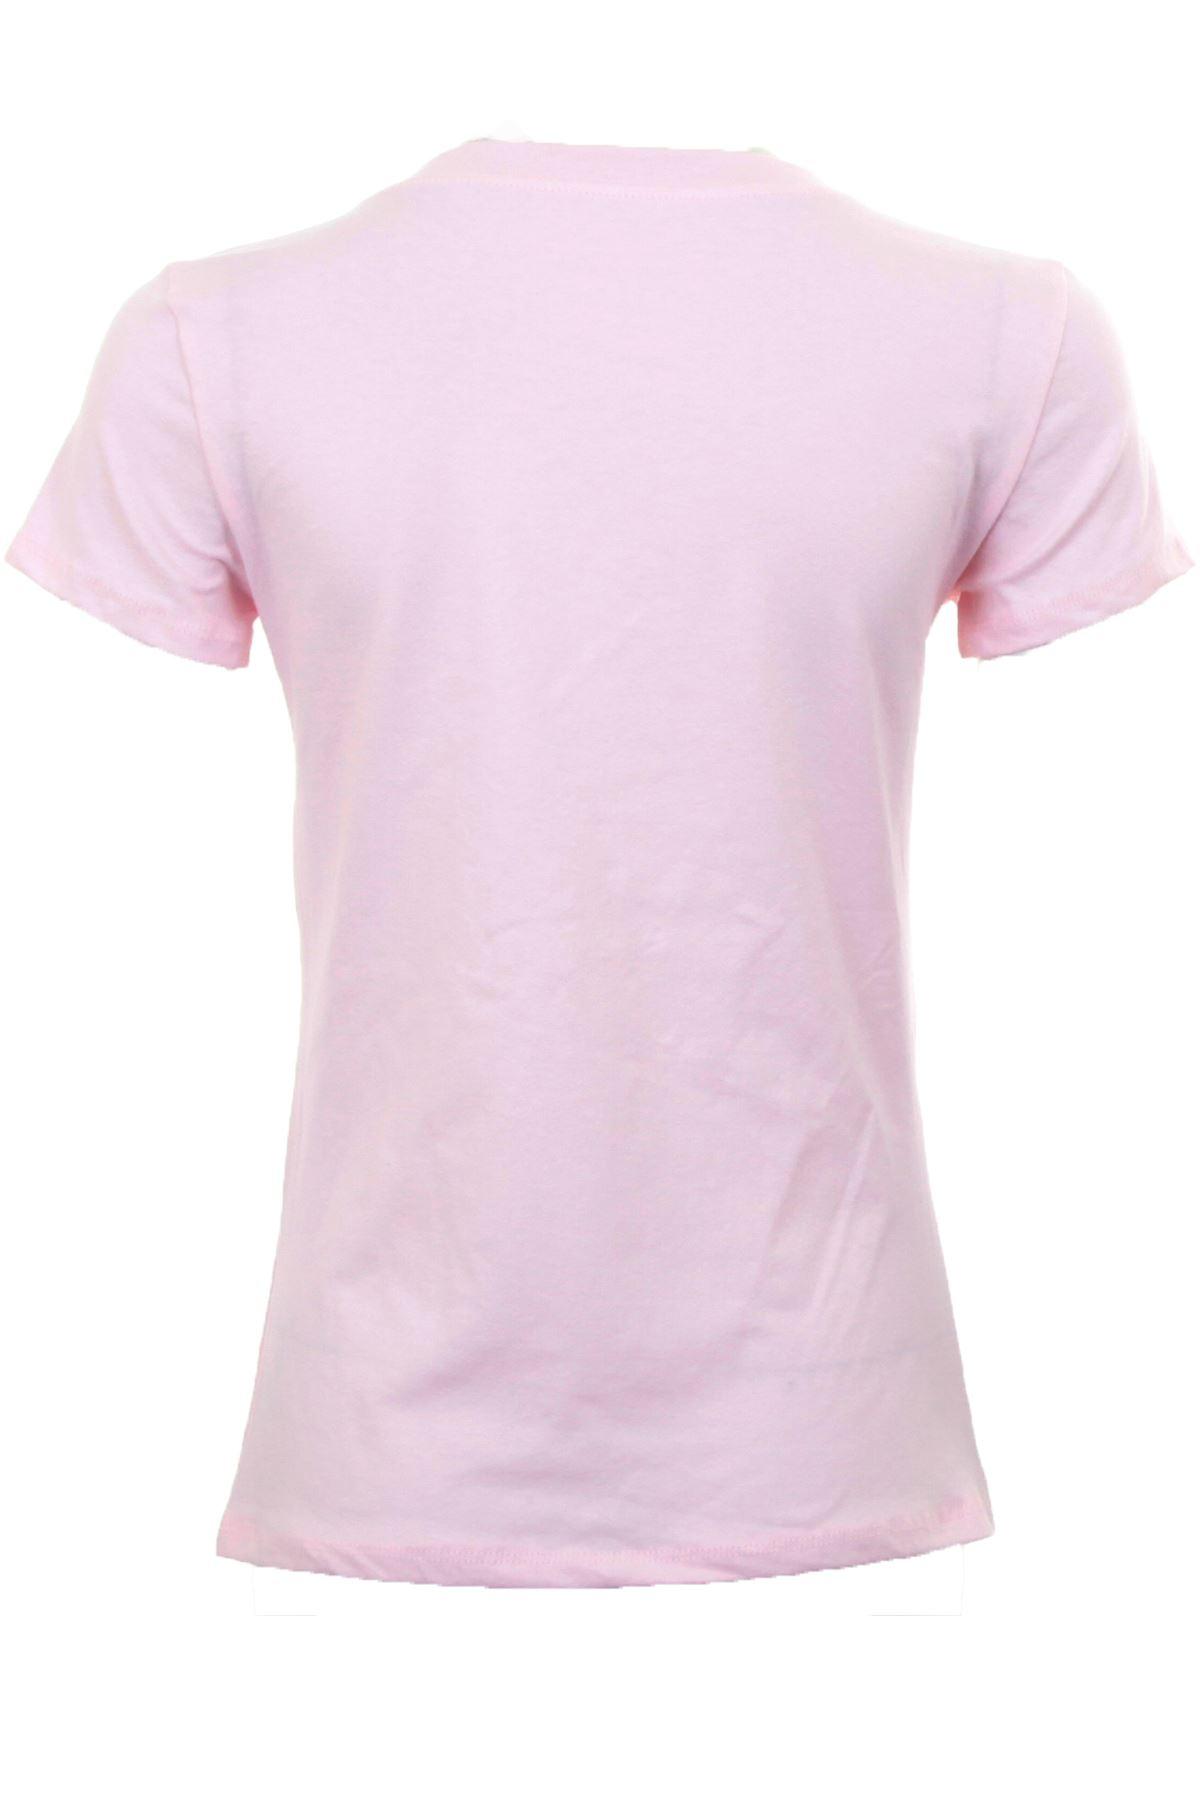 donna-perline-Nappa-Manica-Corta-Top-con-stampa-grafica-maglietta-t-shirt